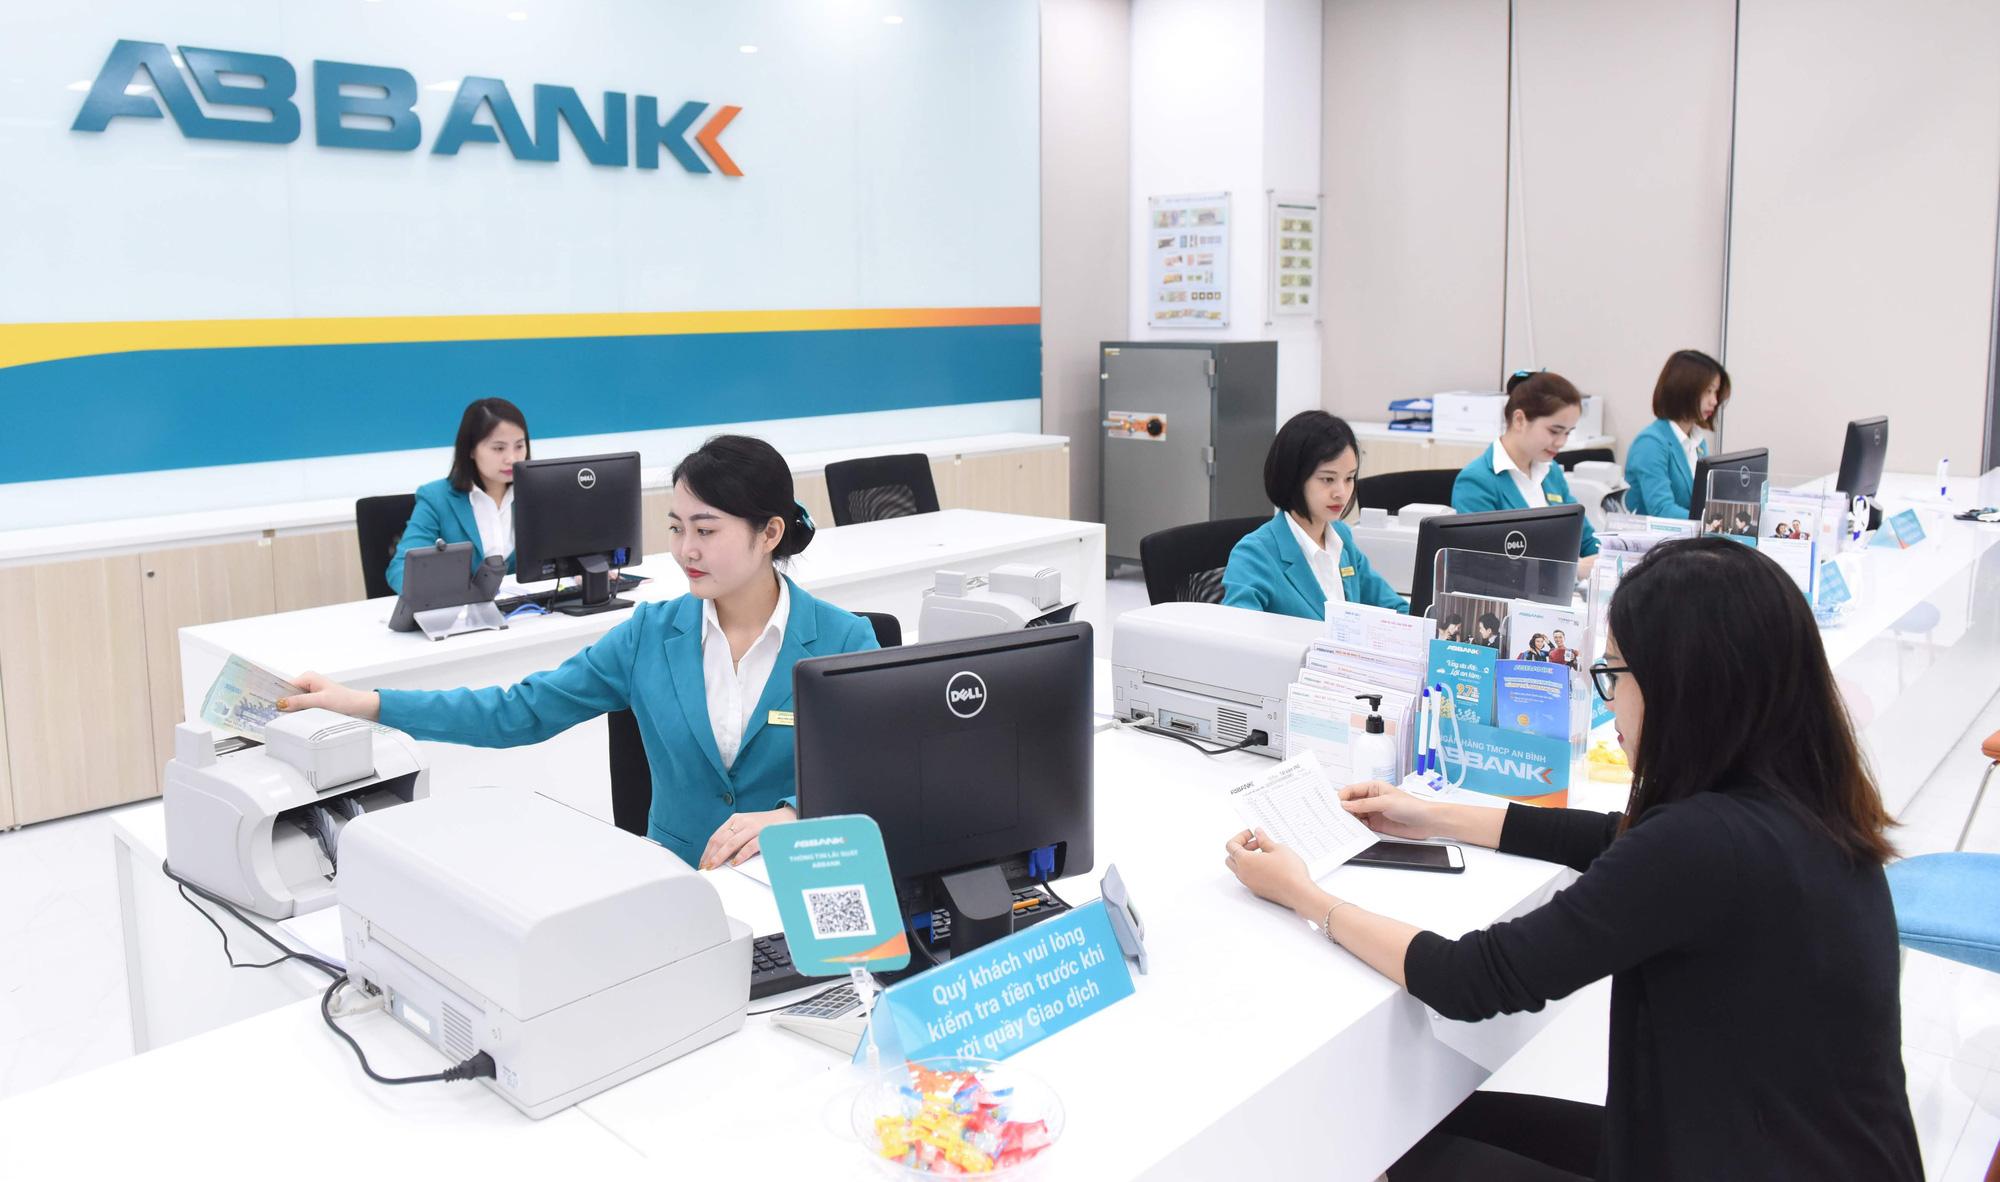 Lưu ý ứng viên tìm việc ngân hàng tốt nhất